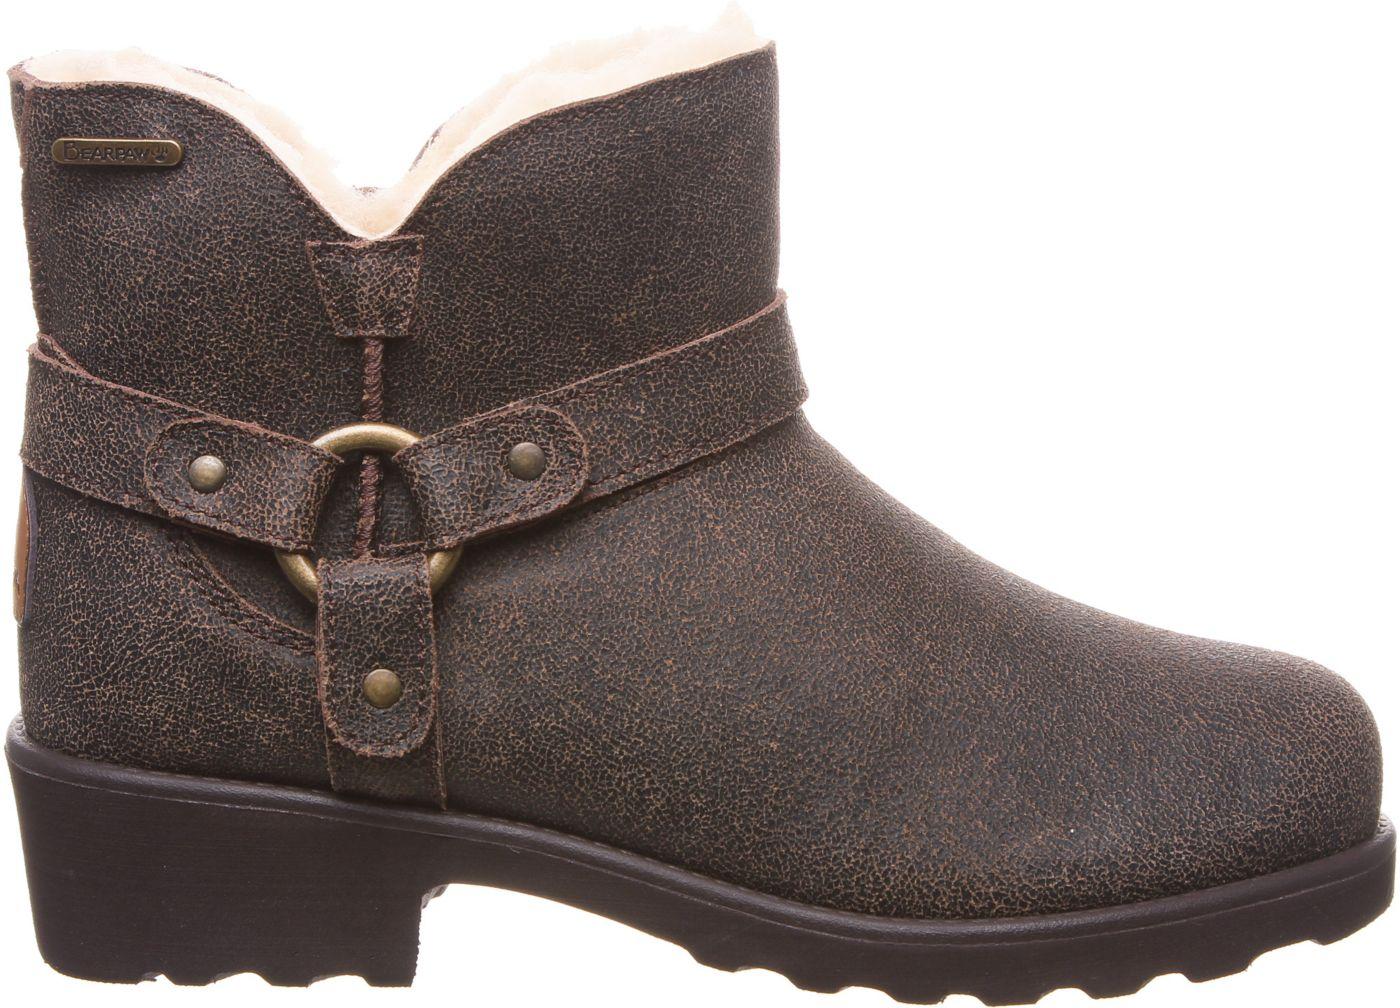 BEARPAW Women's Anna Winter Boots